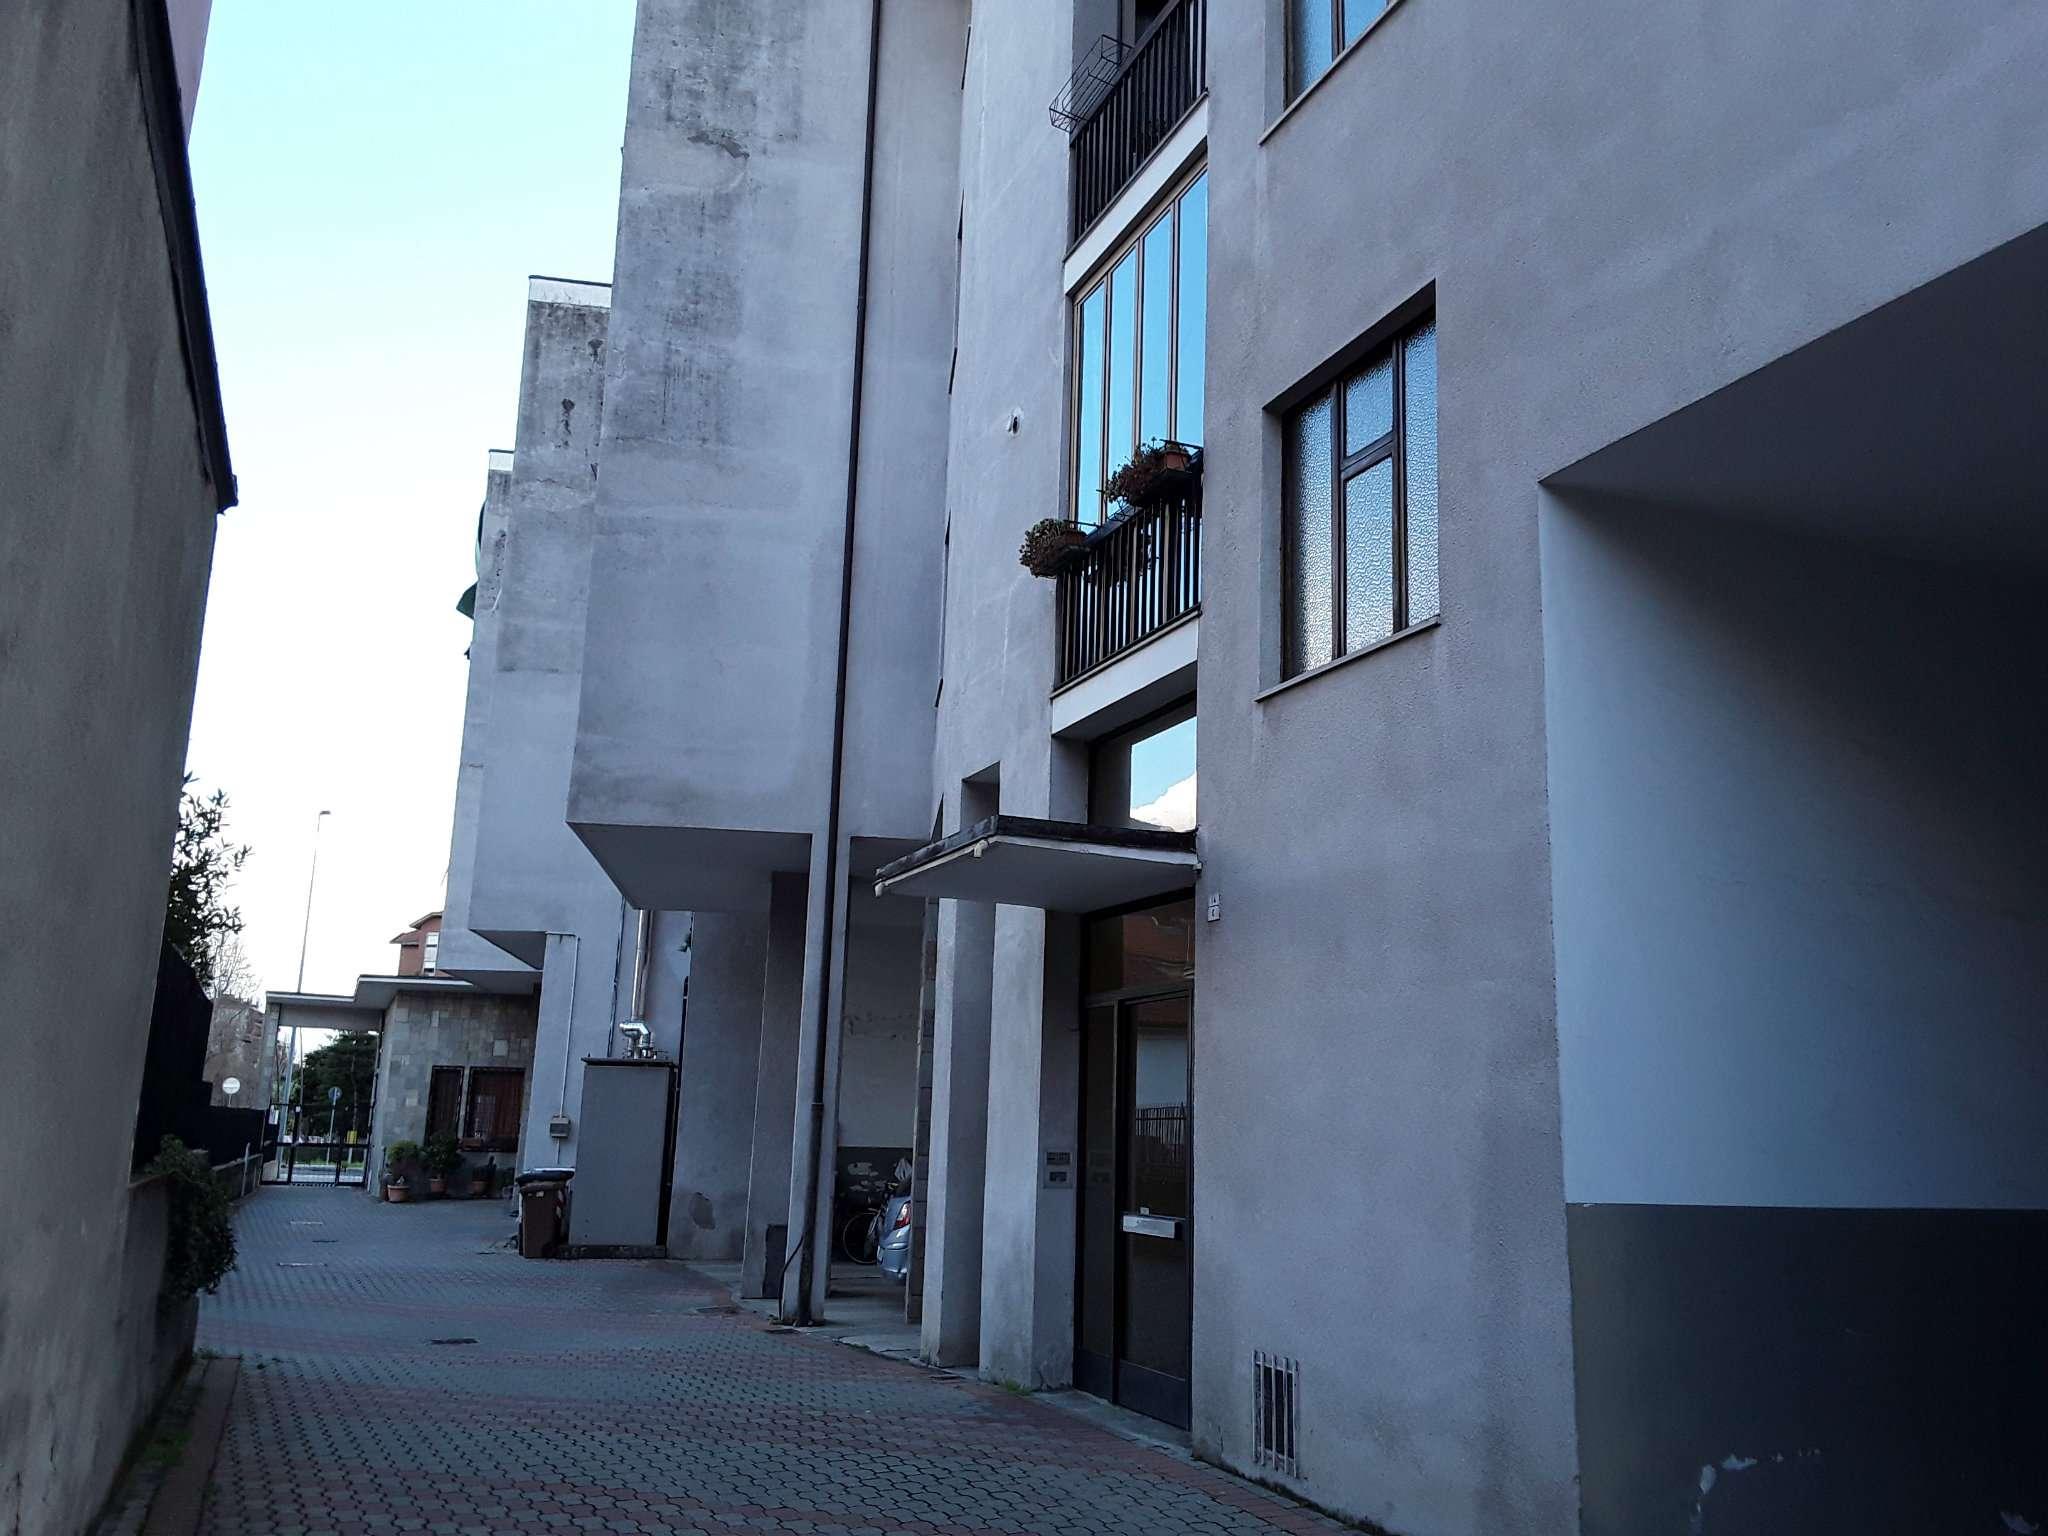 Appartamento in vendita a Grugliasco, 3 locali, prezzo € 149.000 | CambioCasa.it